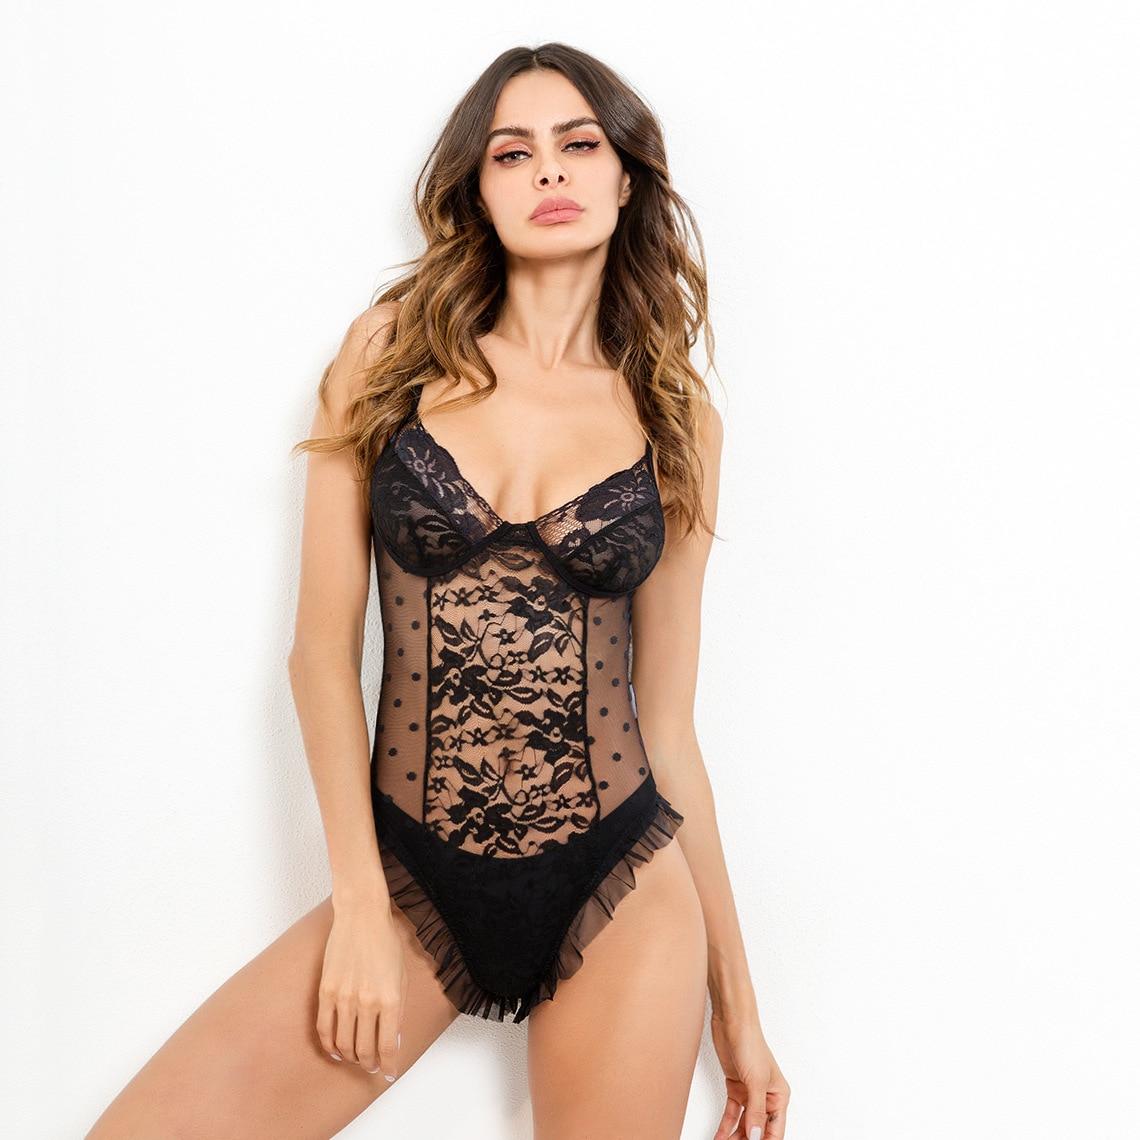 EIFER Hot Sale mesh lace bodysuit body women ruffle transparent rompers jumpsuit 2018 strap sleepwear bodysuits